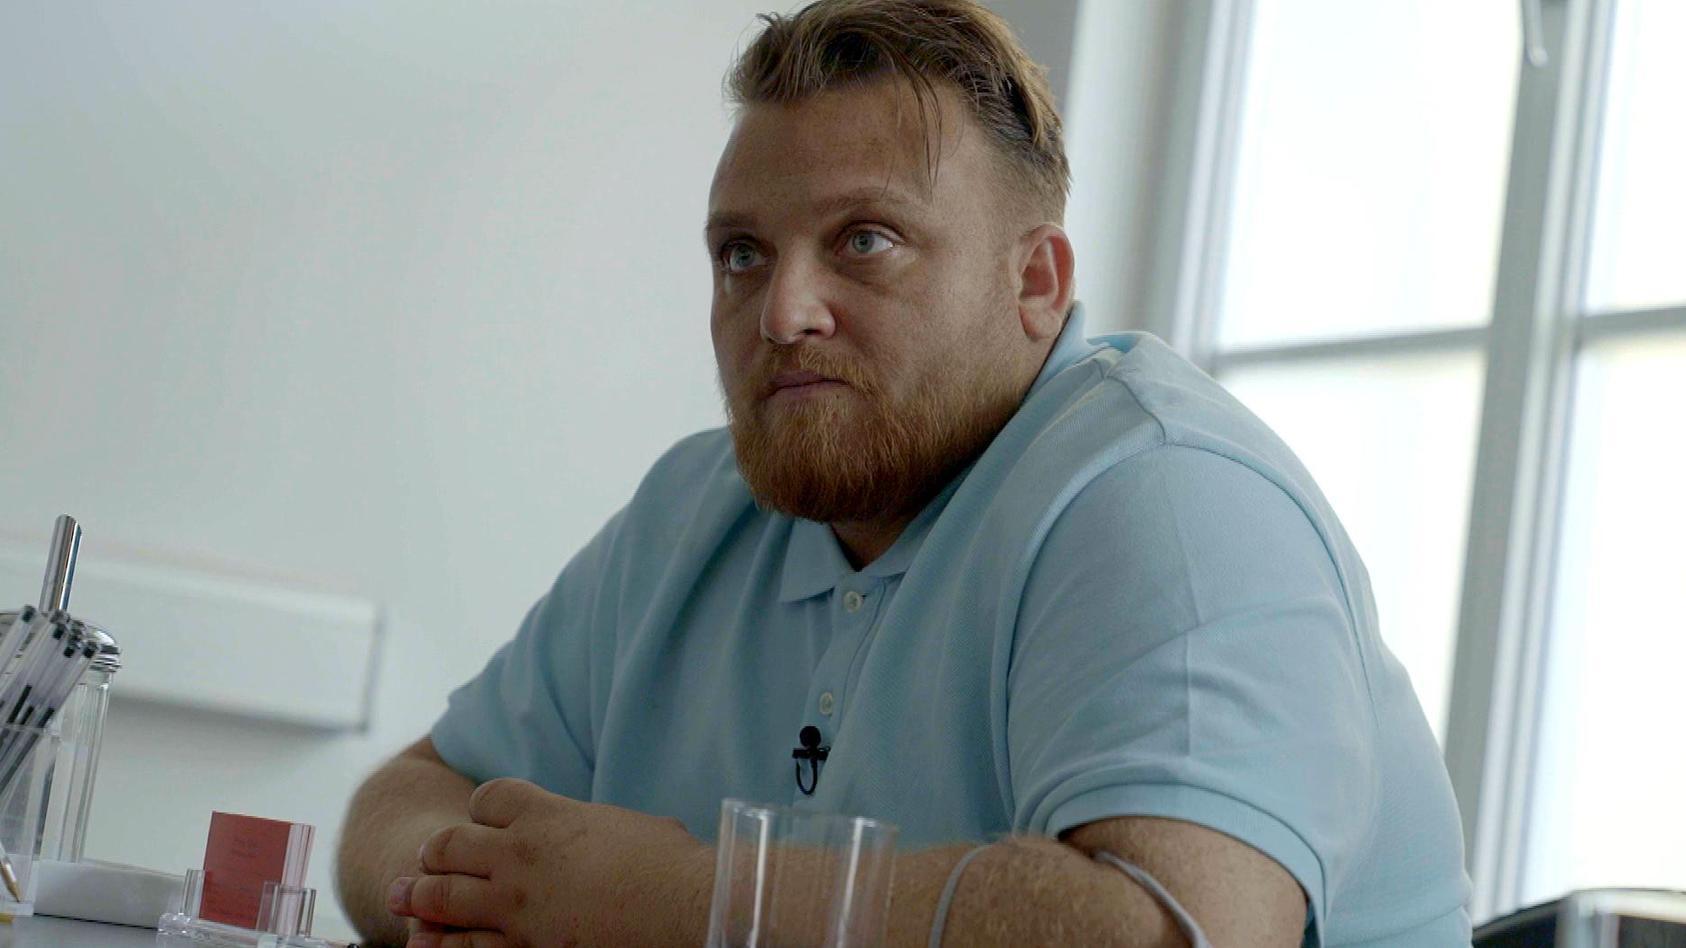 Menowin Fröhlich lässt sich bei seinem Kampf gegen die Drogensucht von Kameras begleiten.